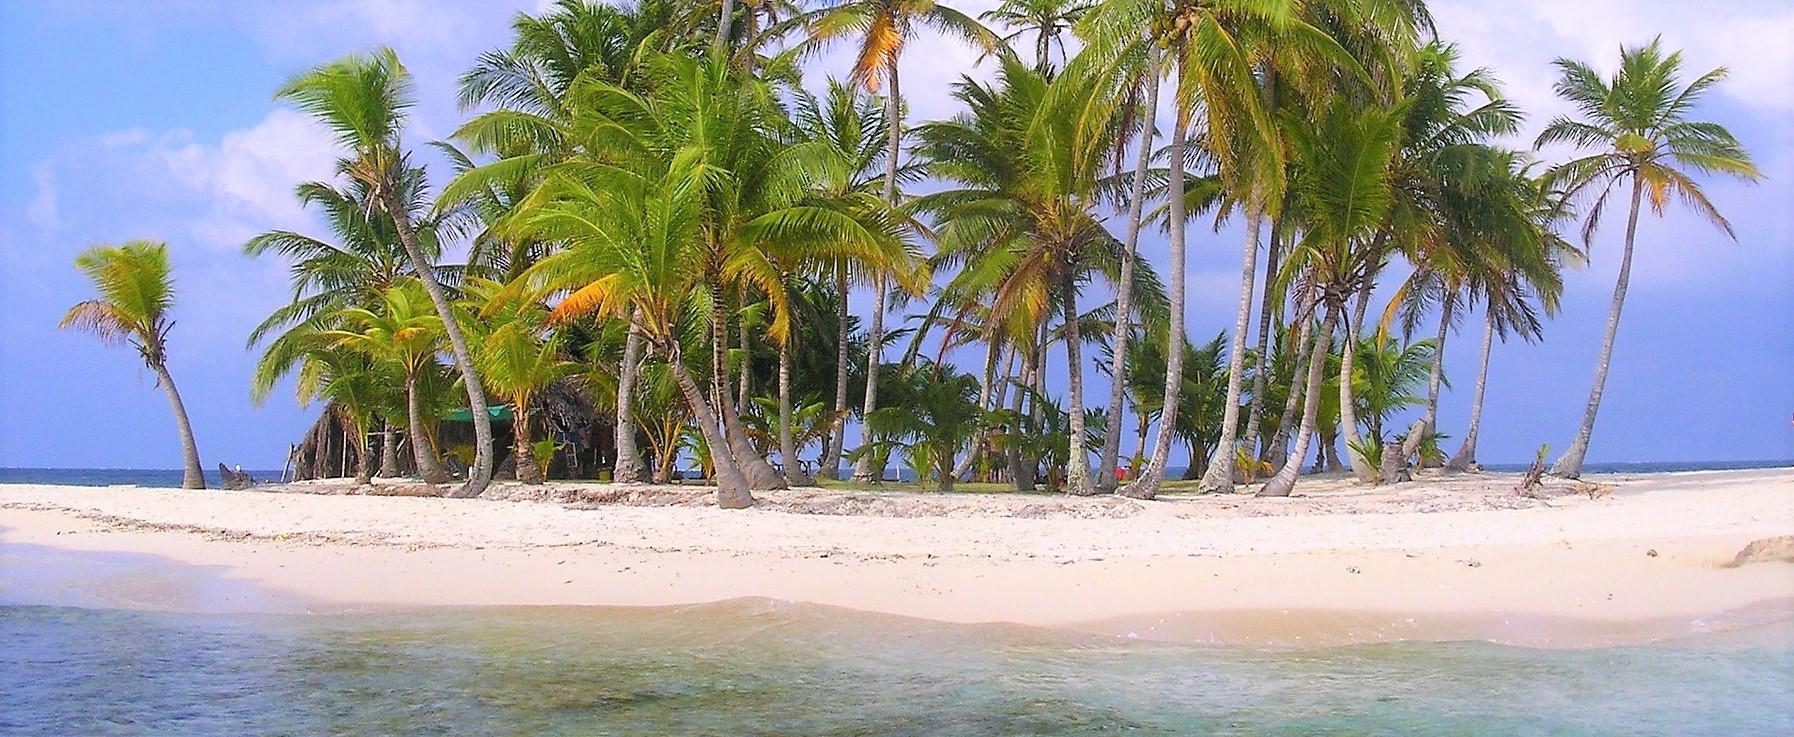 SAN BLAS DANS NOTRE CIRCUIT DE 12 JOURS AU PANAMA